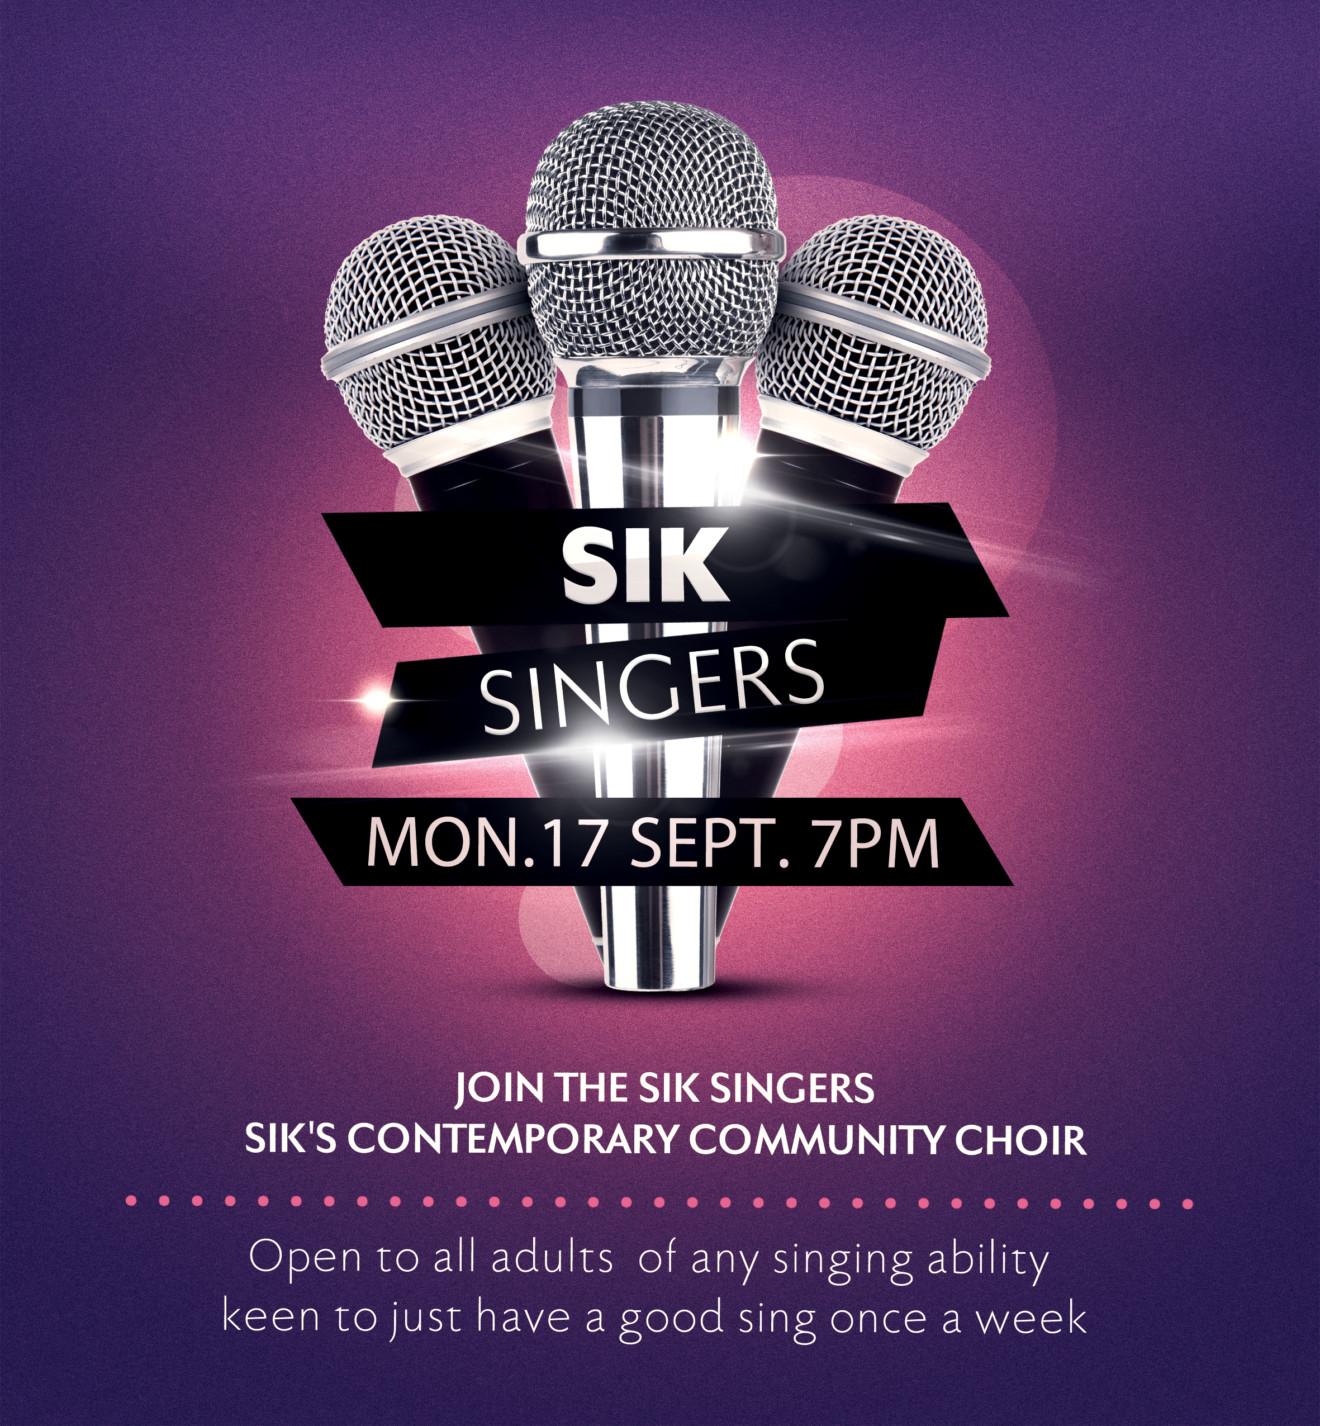 SIK SINGERS